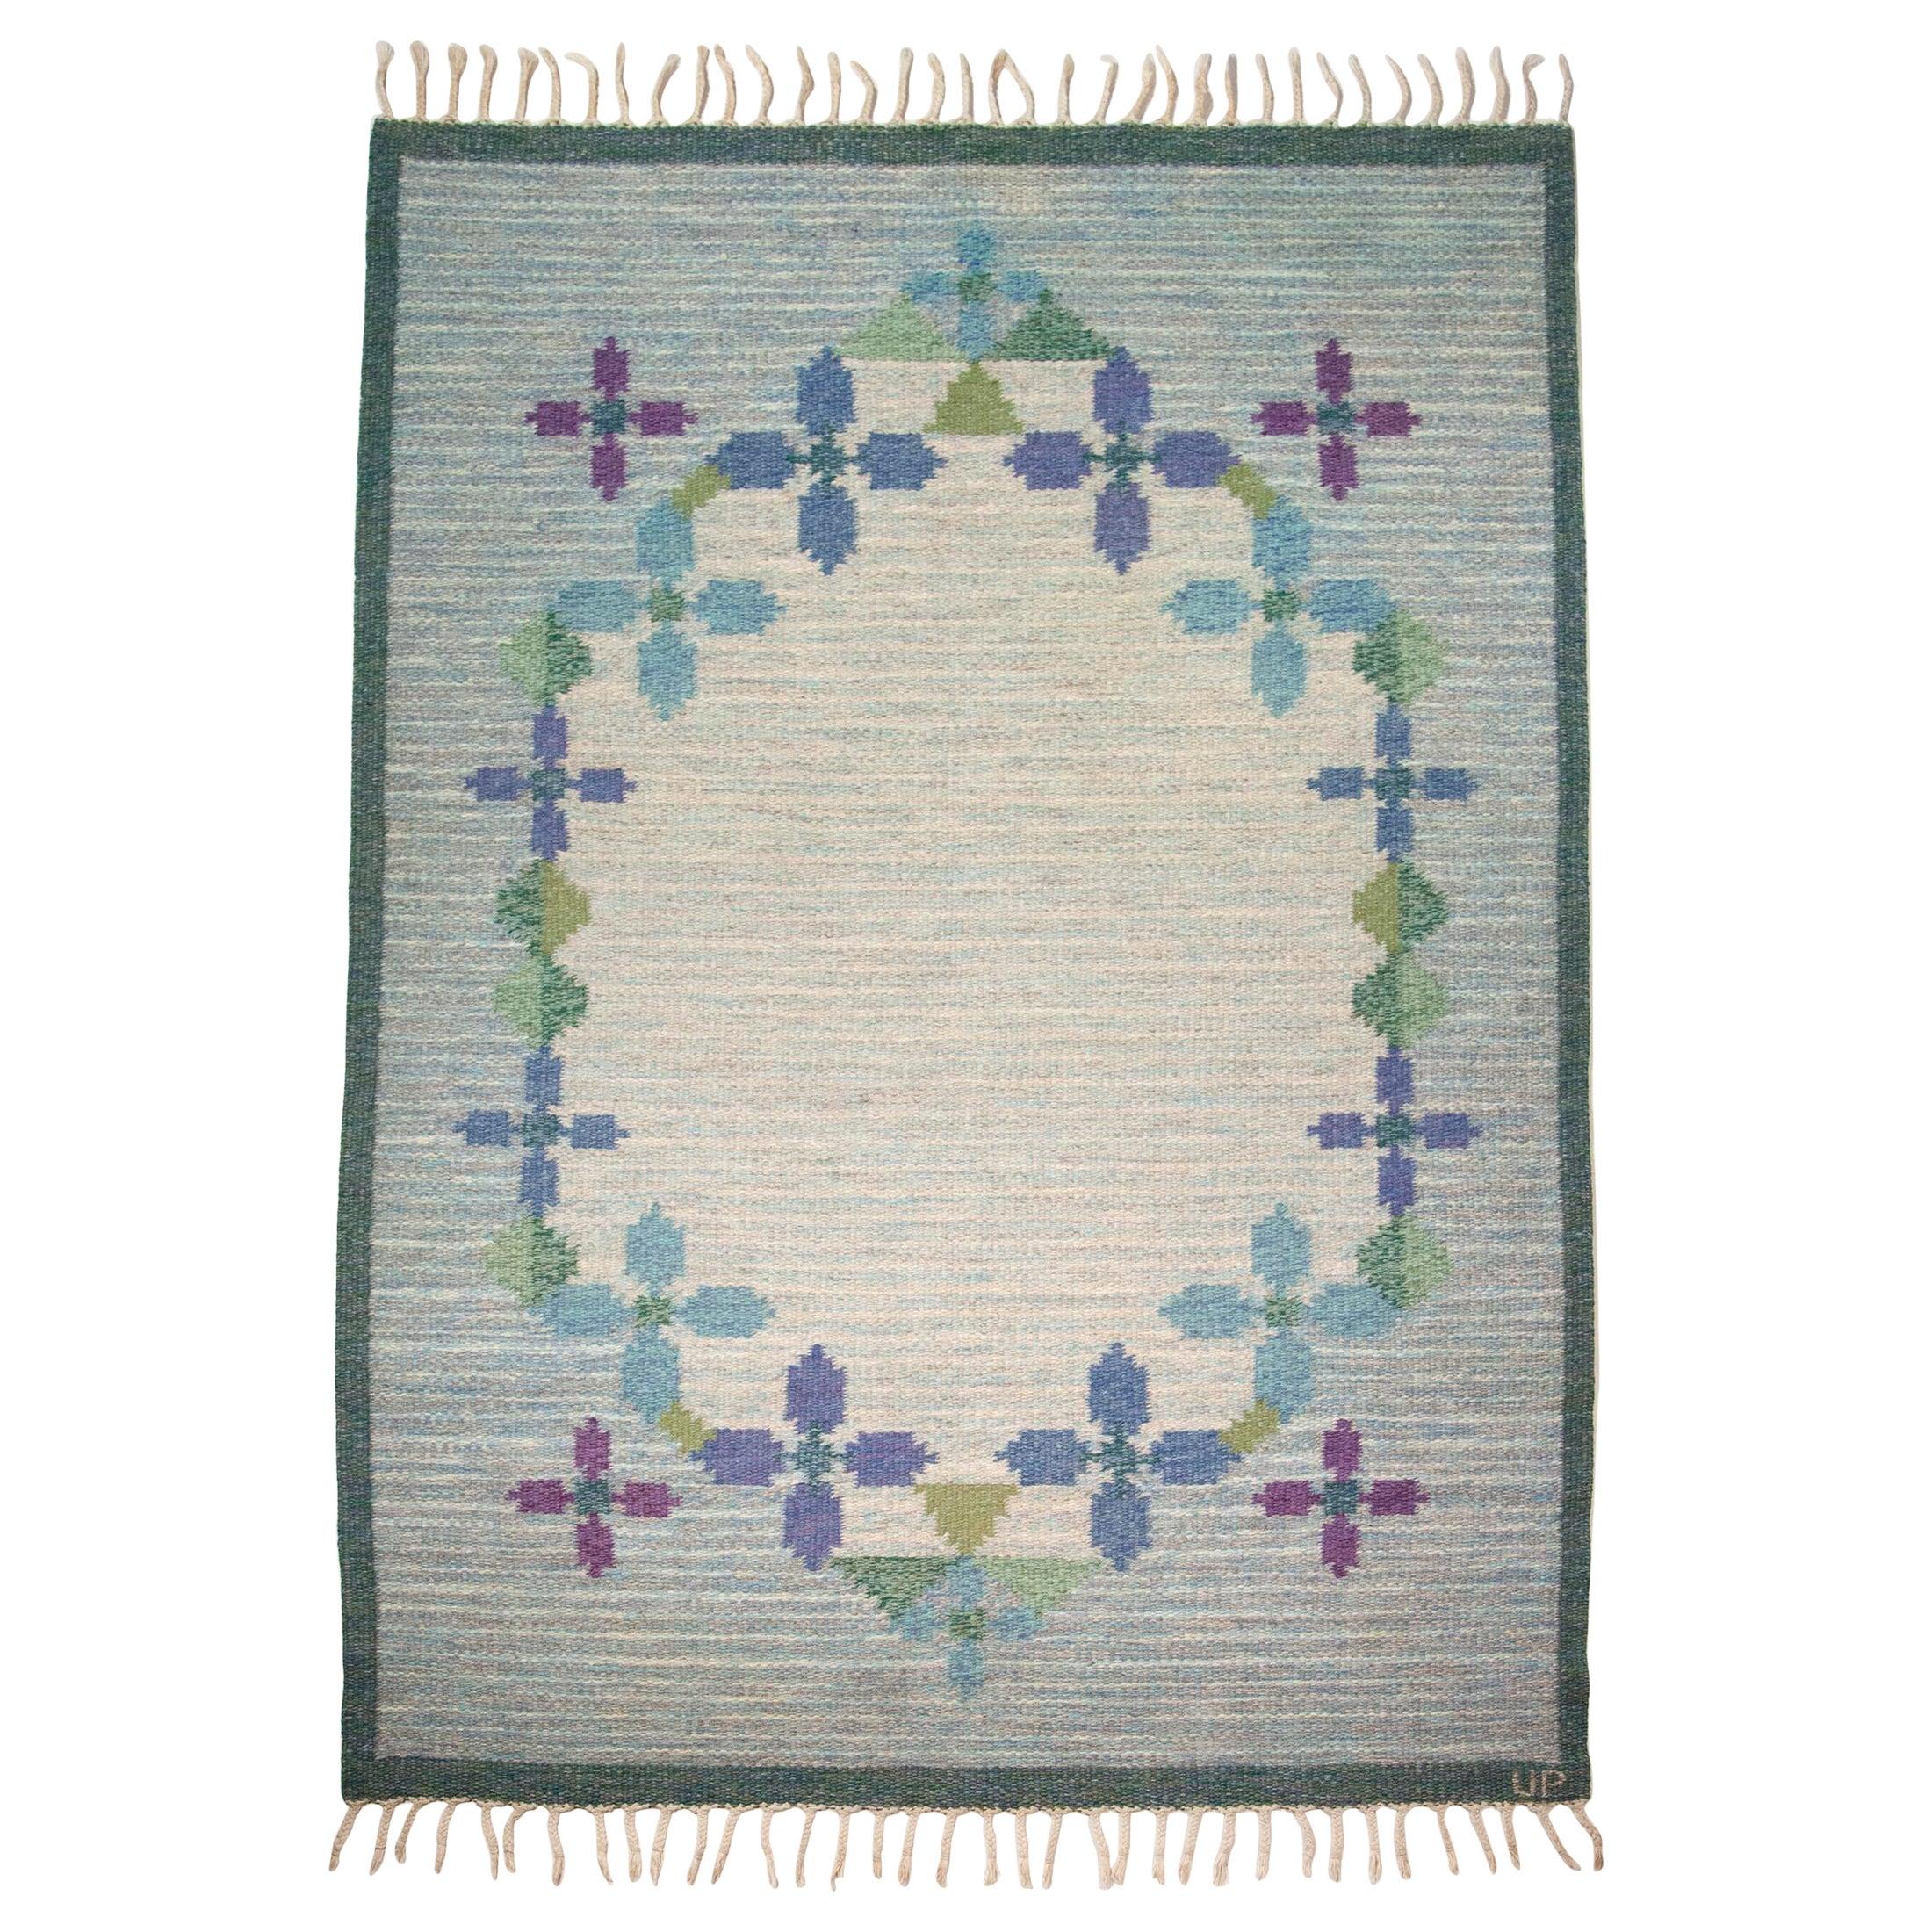 Ulla Parkdah Swedish Flat-Weave Rug, Signed UP, Sweden, 1960s